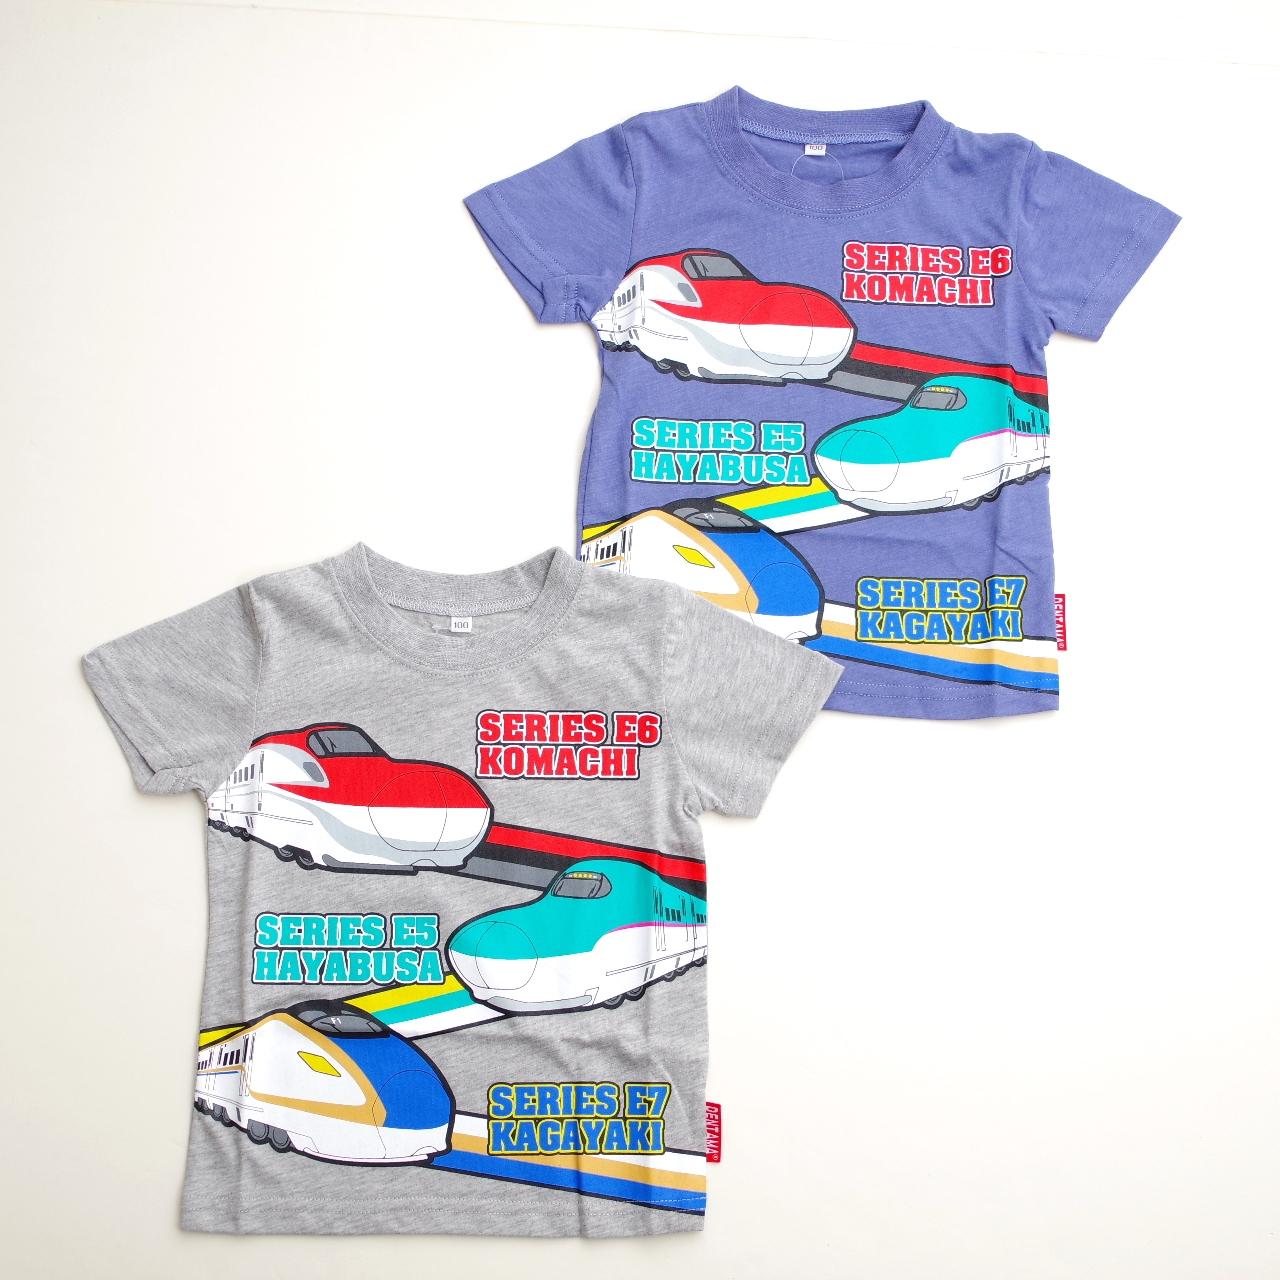 でんたま(新幹線) 半袖Tシャツ 100cm/110cm/120cm/130cm (742DM0011)